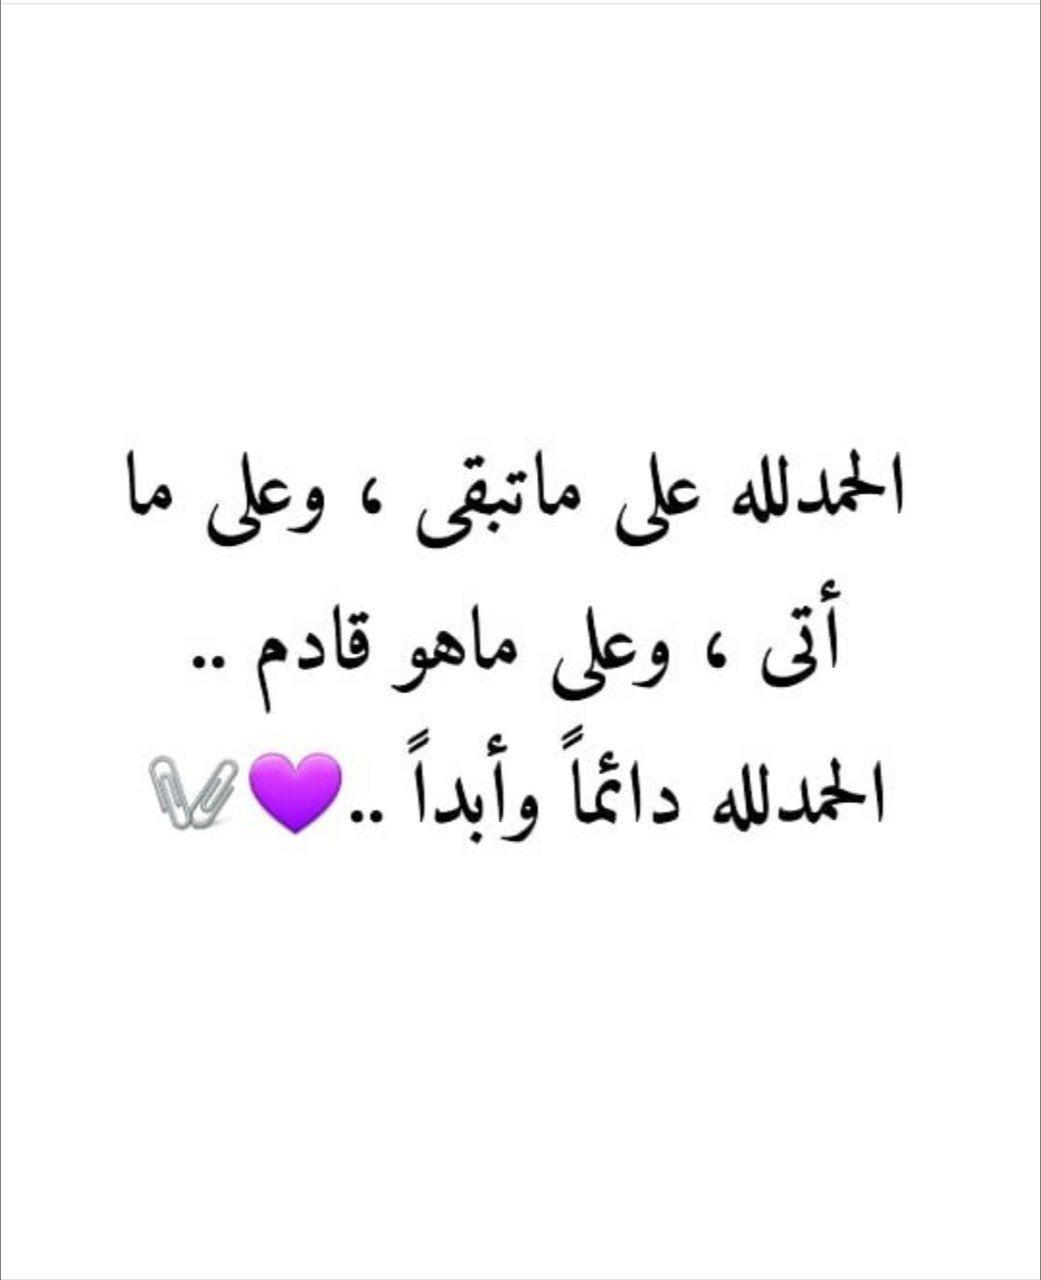 الحمد لله على كل حال كما ينبغي لجلال وجهك وعظيم سلطانك Quotes Phone Wallpaper Arabic Calligraphy